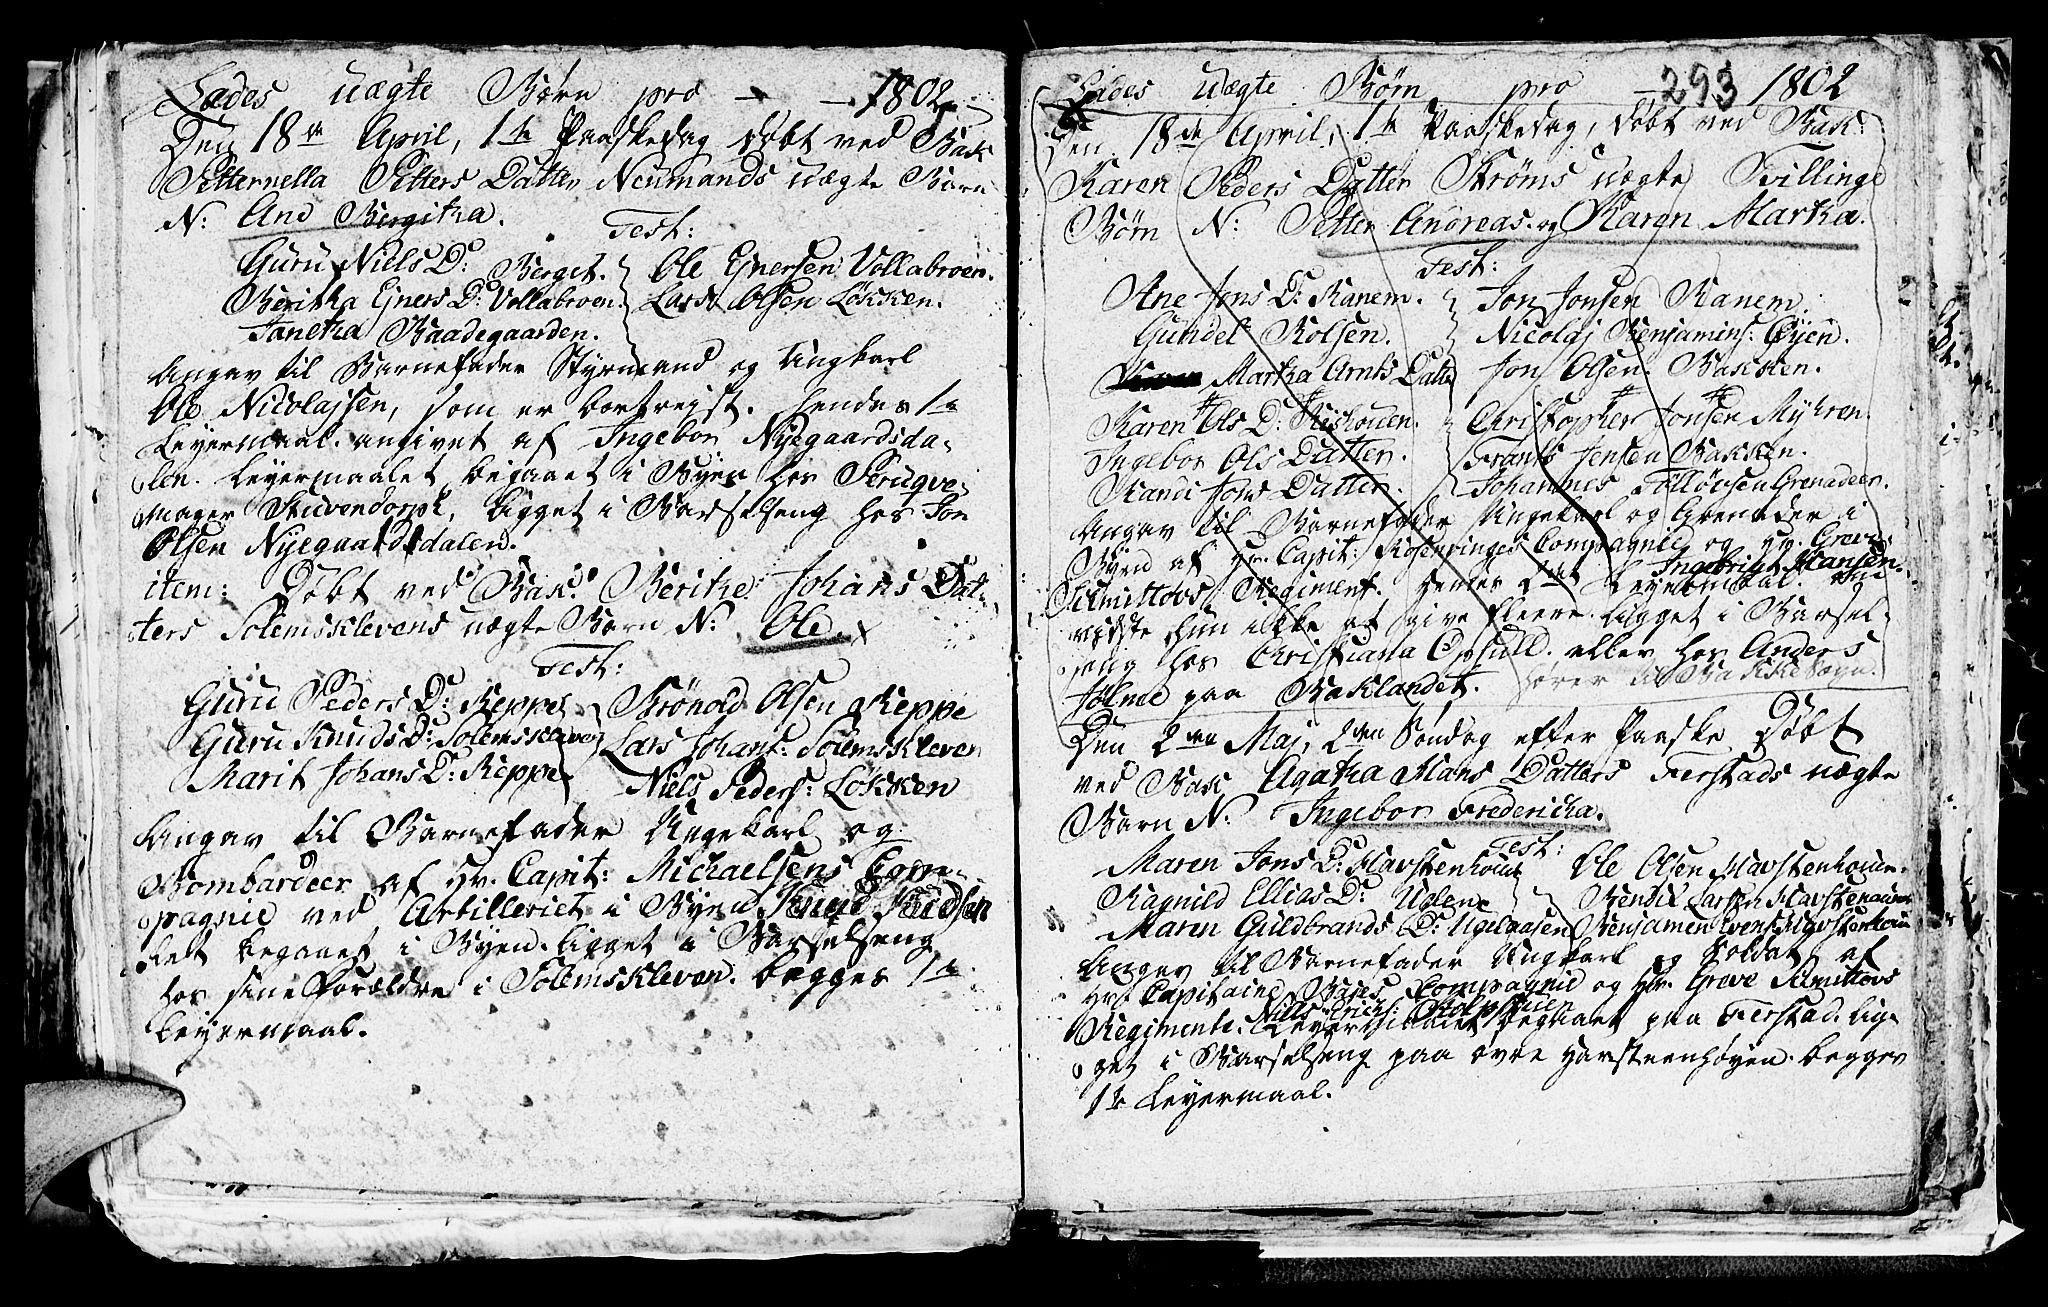 SAT, Ministerialprotokoller, klokkerbøker og fødselsregistre - Sør-Trøndelag, 606/L0305: Klokkerbok nr. 606C01, 1757-1819, s. 293